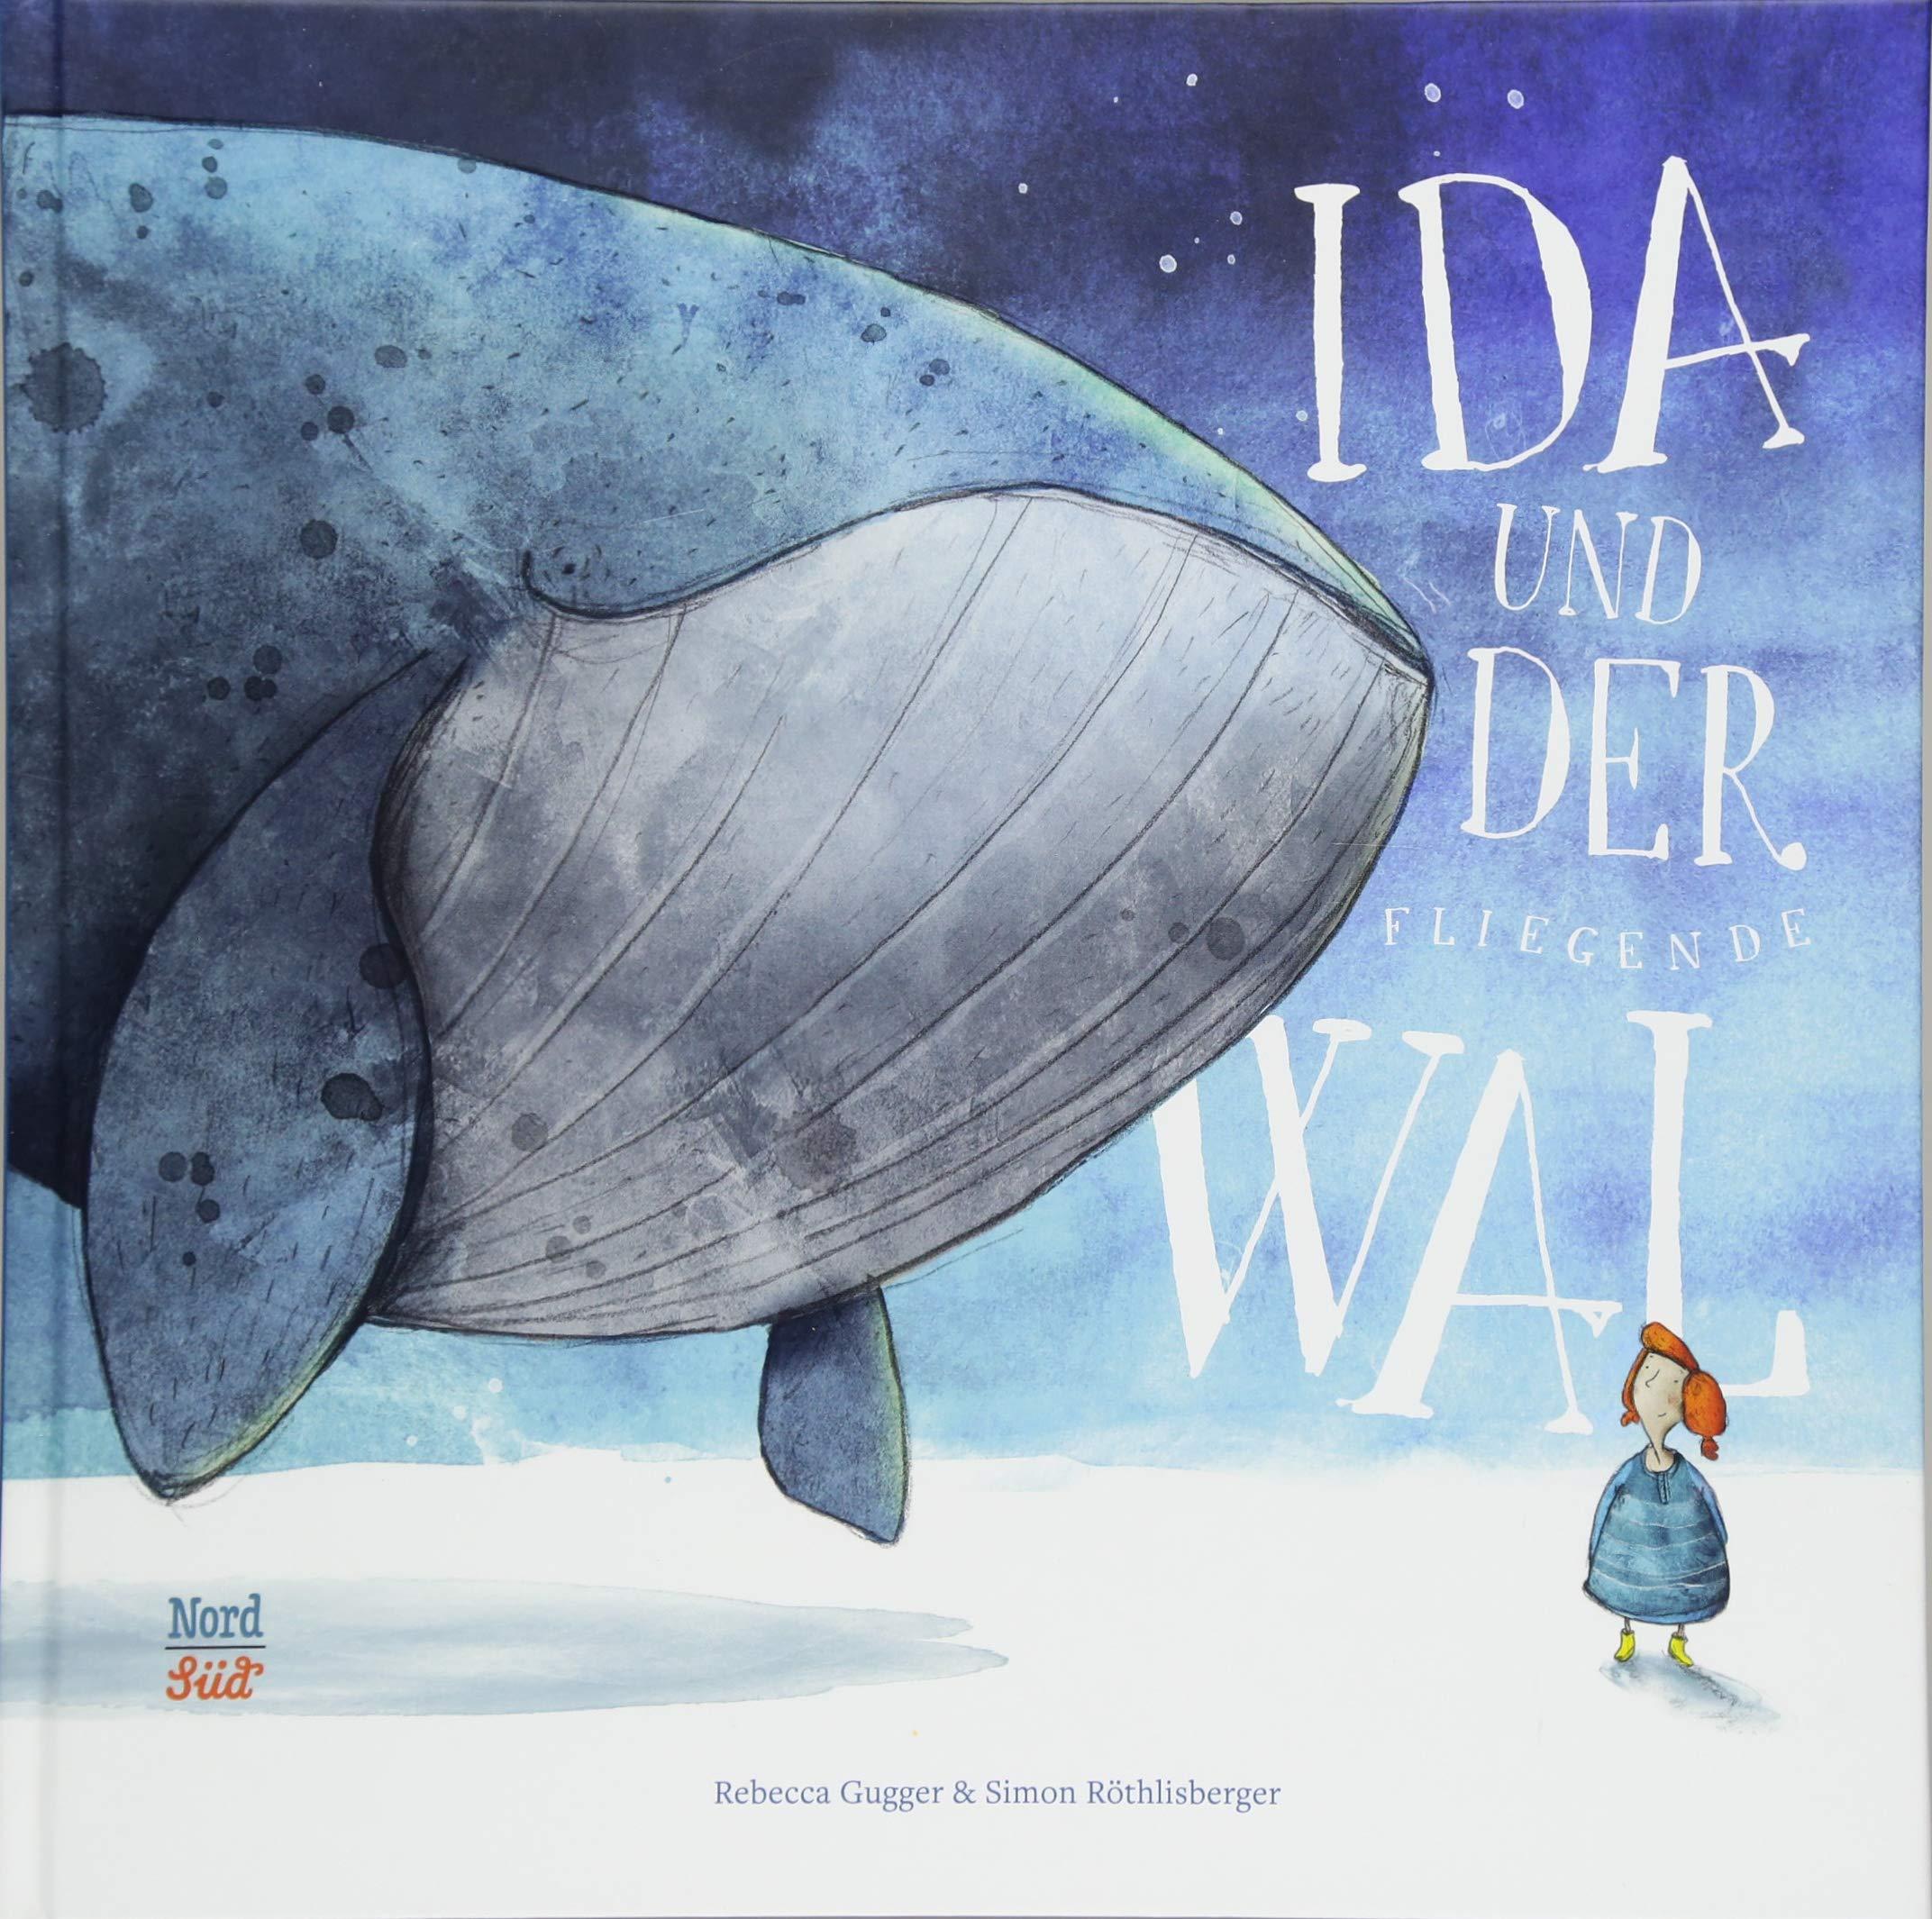 Ida und der fliegende Wal - 81h6KDvB6GL - Ida und der fliegende Wal